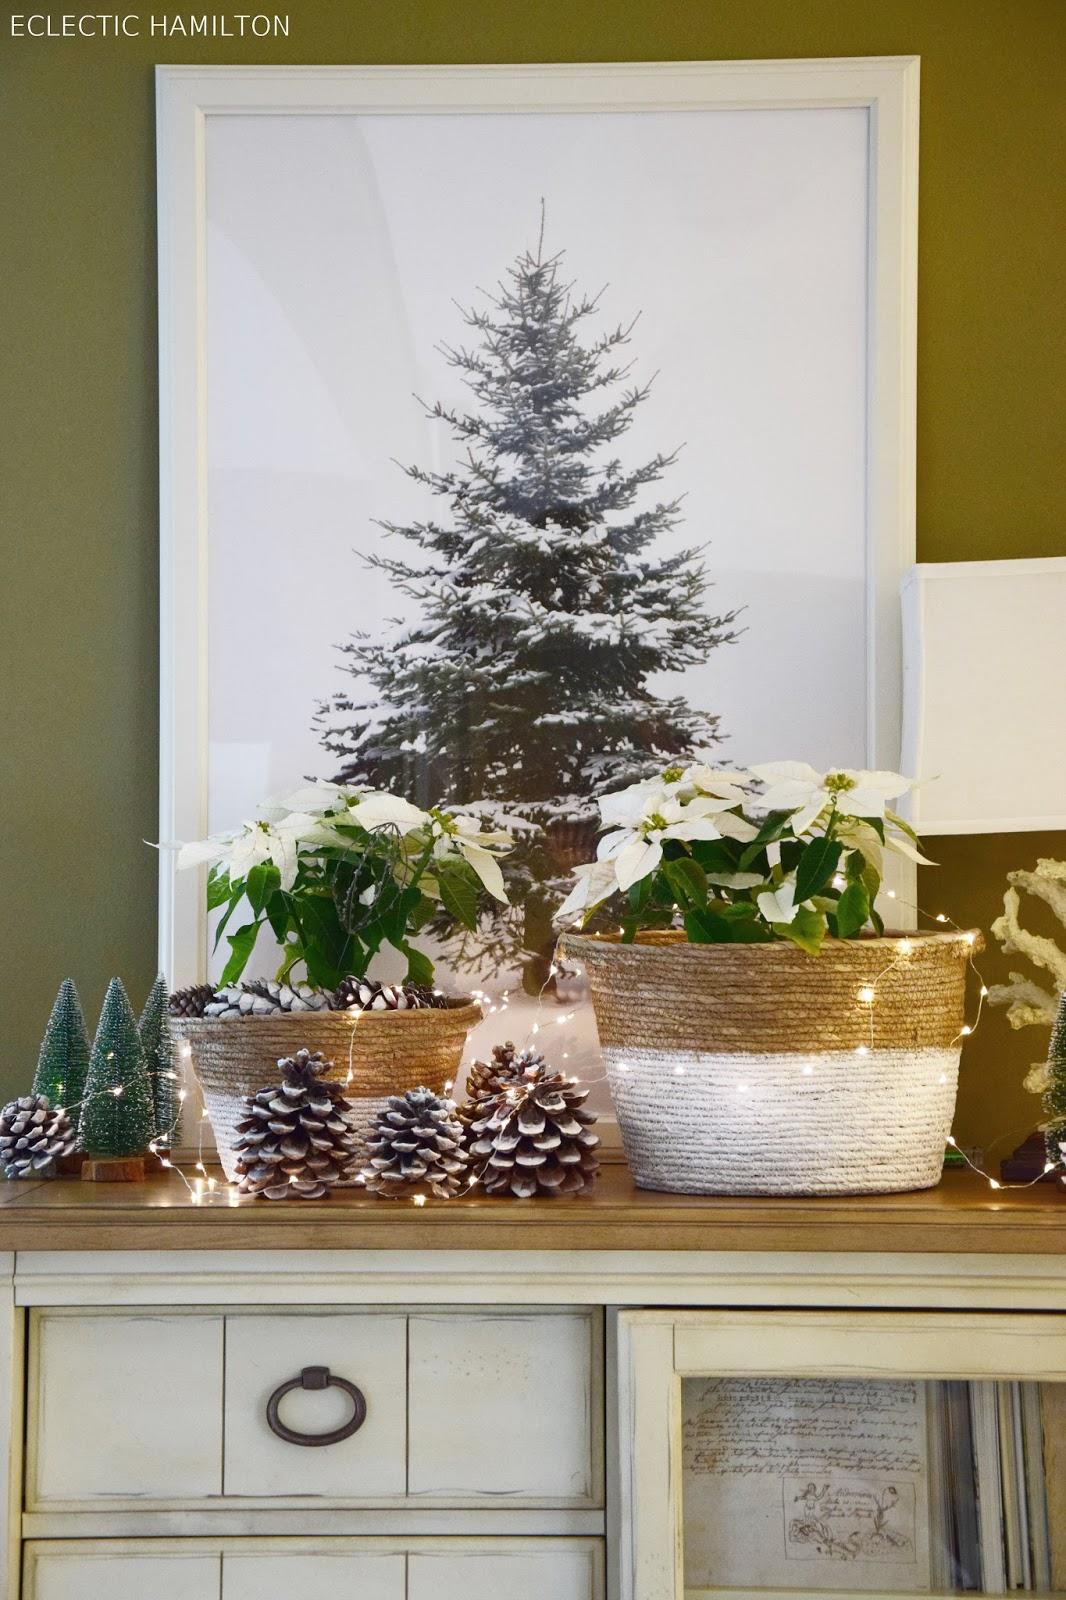 weihnachtliche deko inspiration mit pinienzapfen weihnachtssternen und s en t nnchen. Black Bedroom Furniture Sets. Home Design Ideas